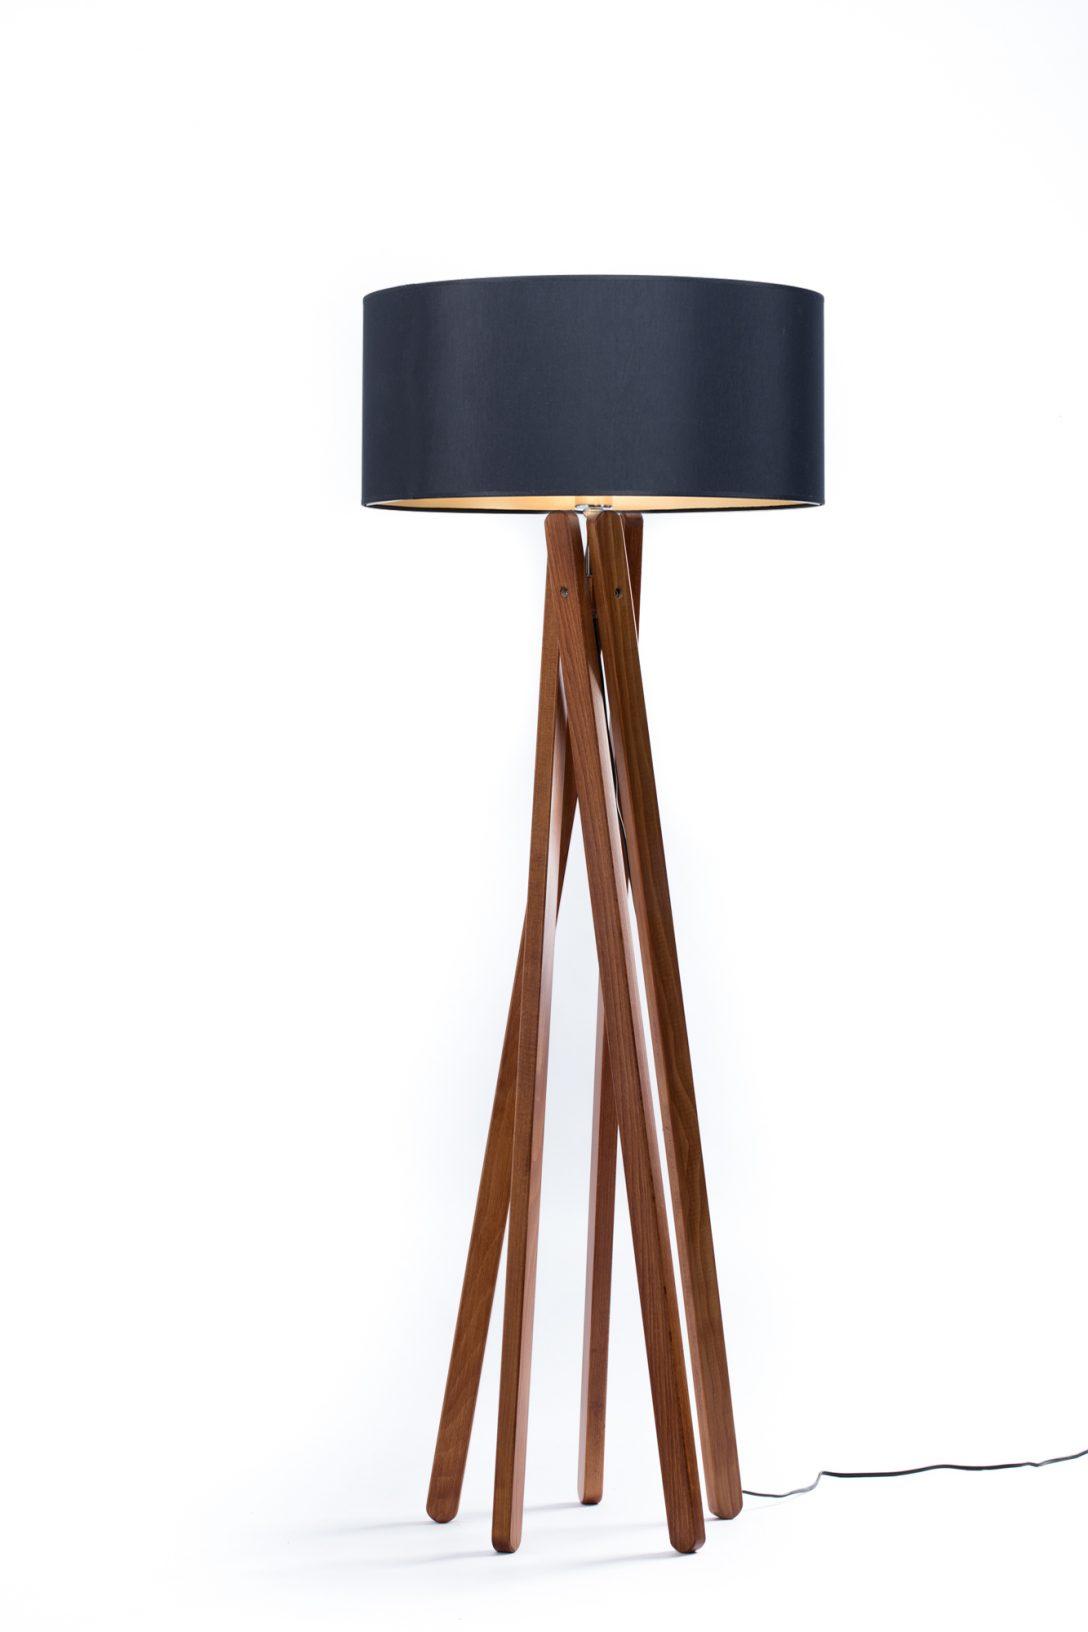 Large Size of Wohnzimmer Stehlampe Poco Stehlampen Modern Holz Dimmbar Ikea Led Stativ Stehleuchte Ebba Nussbaum Schwarz Gold Deckenlampen Beleuchtung Wandbild Anbauwand Wohnzimmer Wohnzimmer Stehlampe